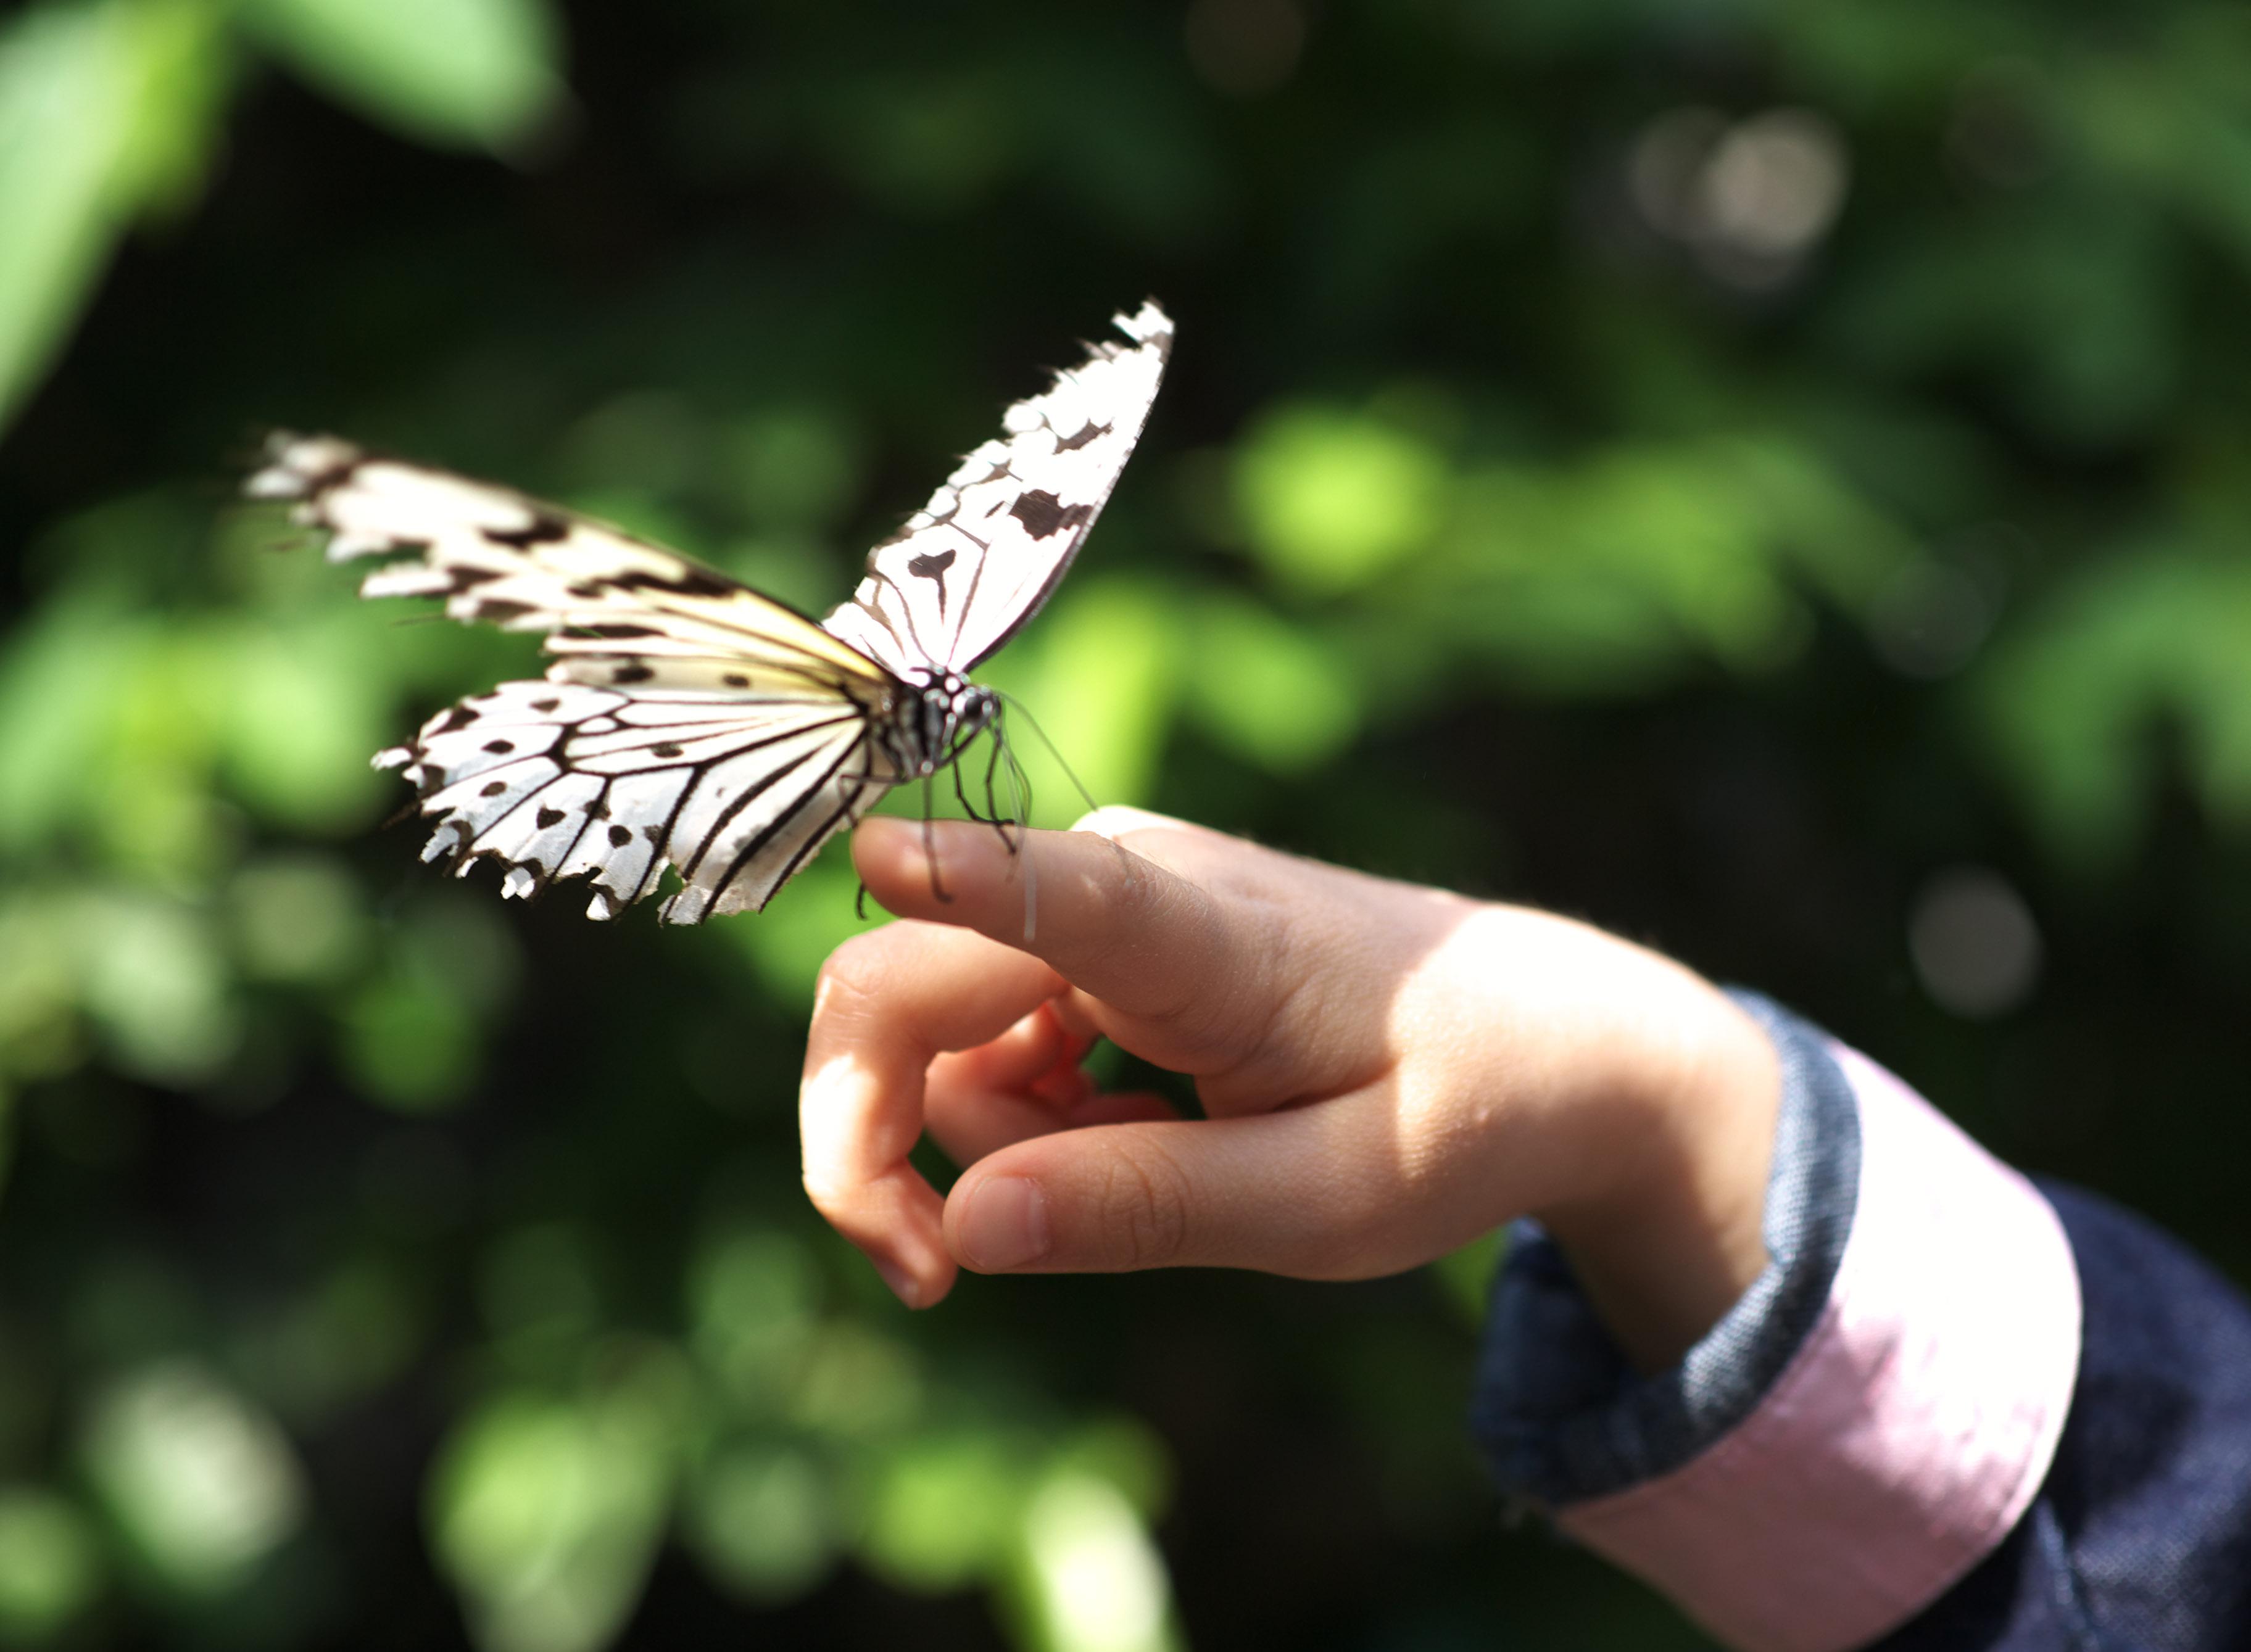 写真,素材,無料,フリー,フォト,クリエイティブ・コモンズ,風景,壁紙,少女と蝶, チョウ, ちょうちょ, 蝶, 花